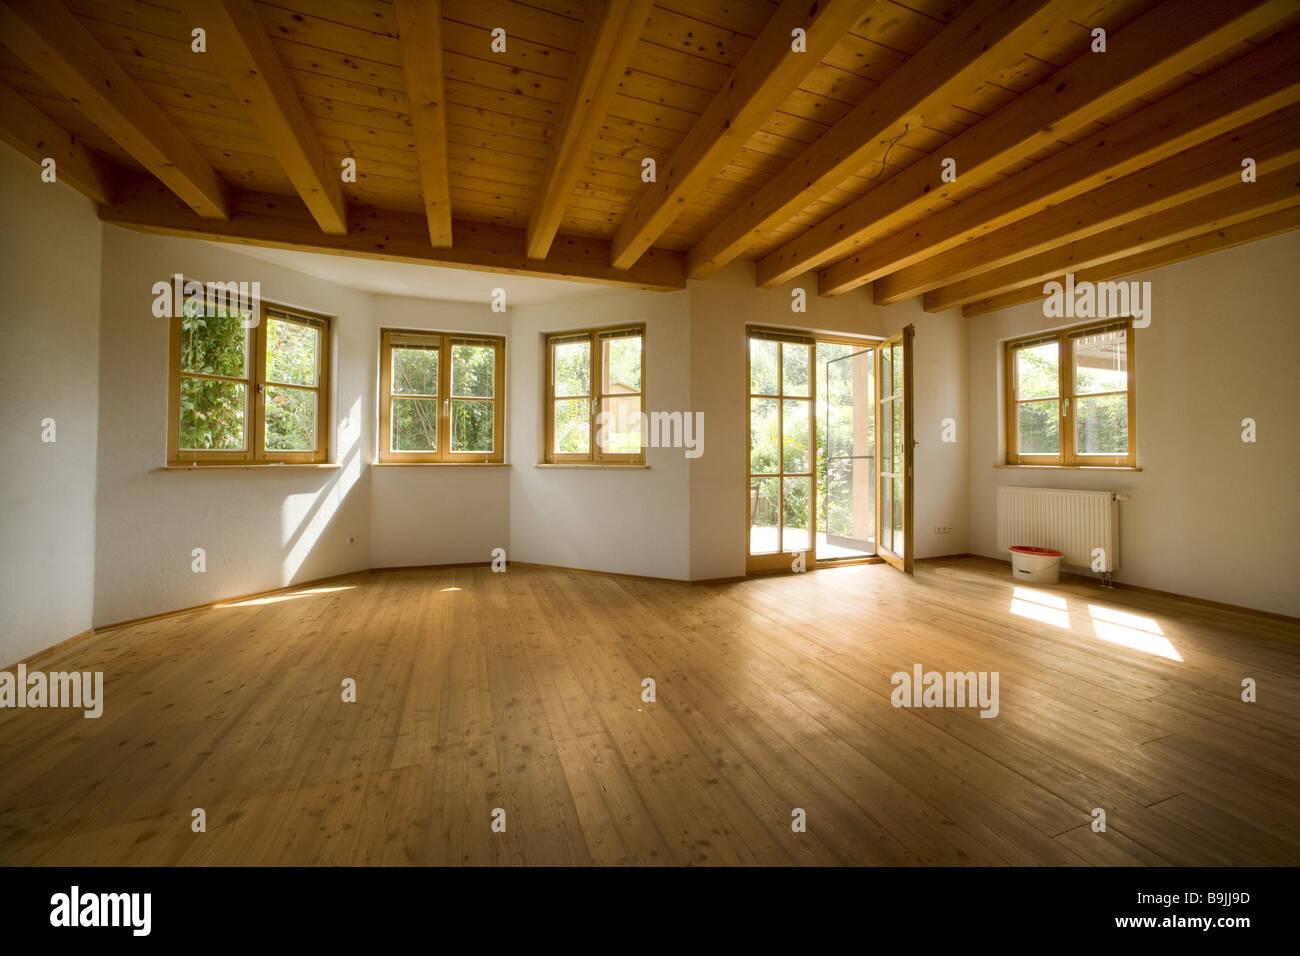 Wohnzimmer Leer Terrassentür Offen Wiederaufbau Wiederaufbau Wohnung